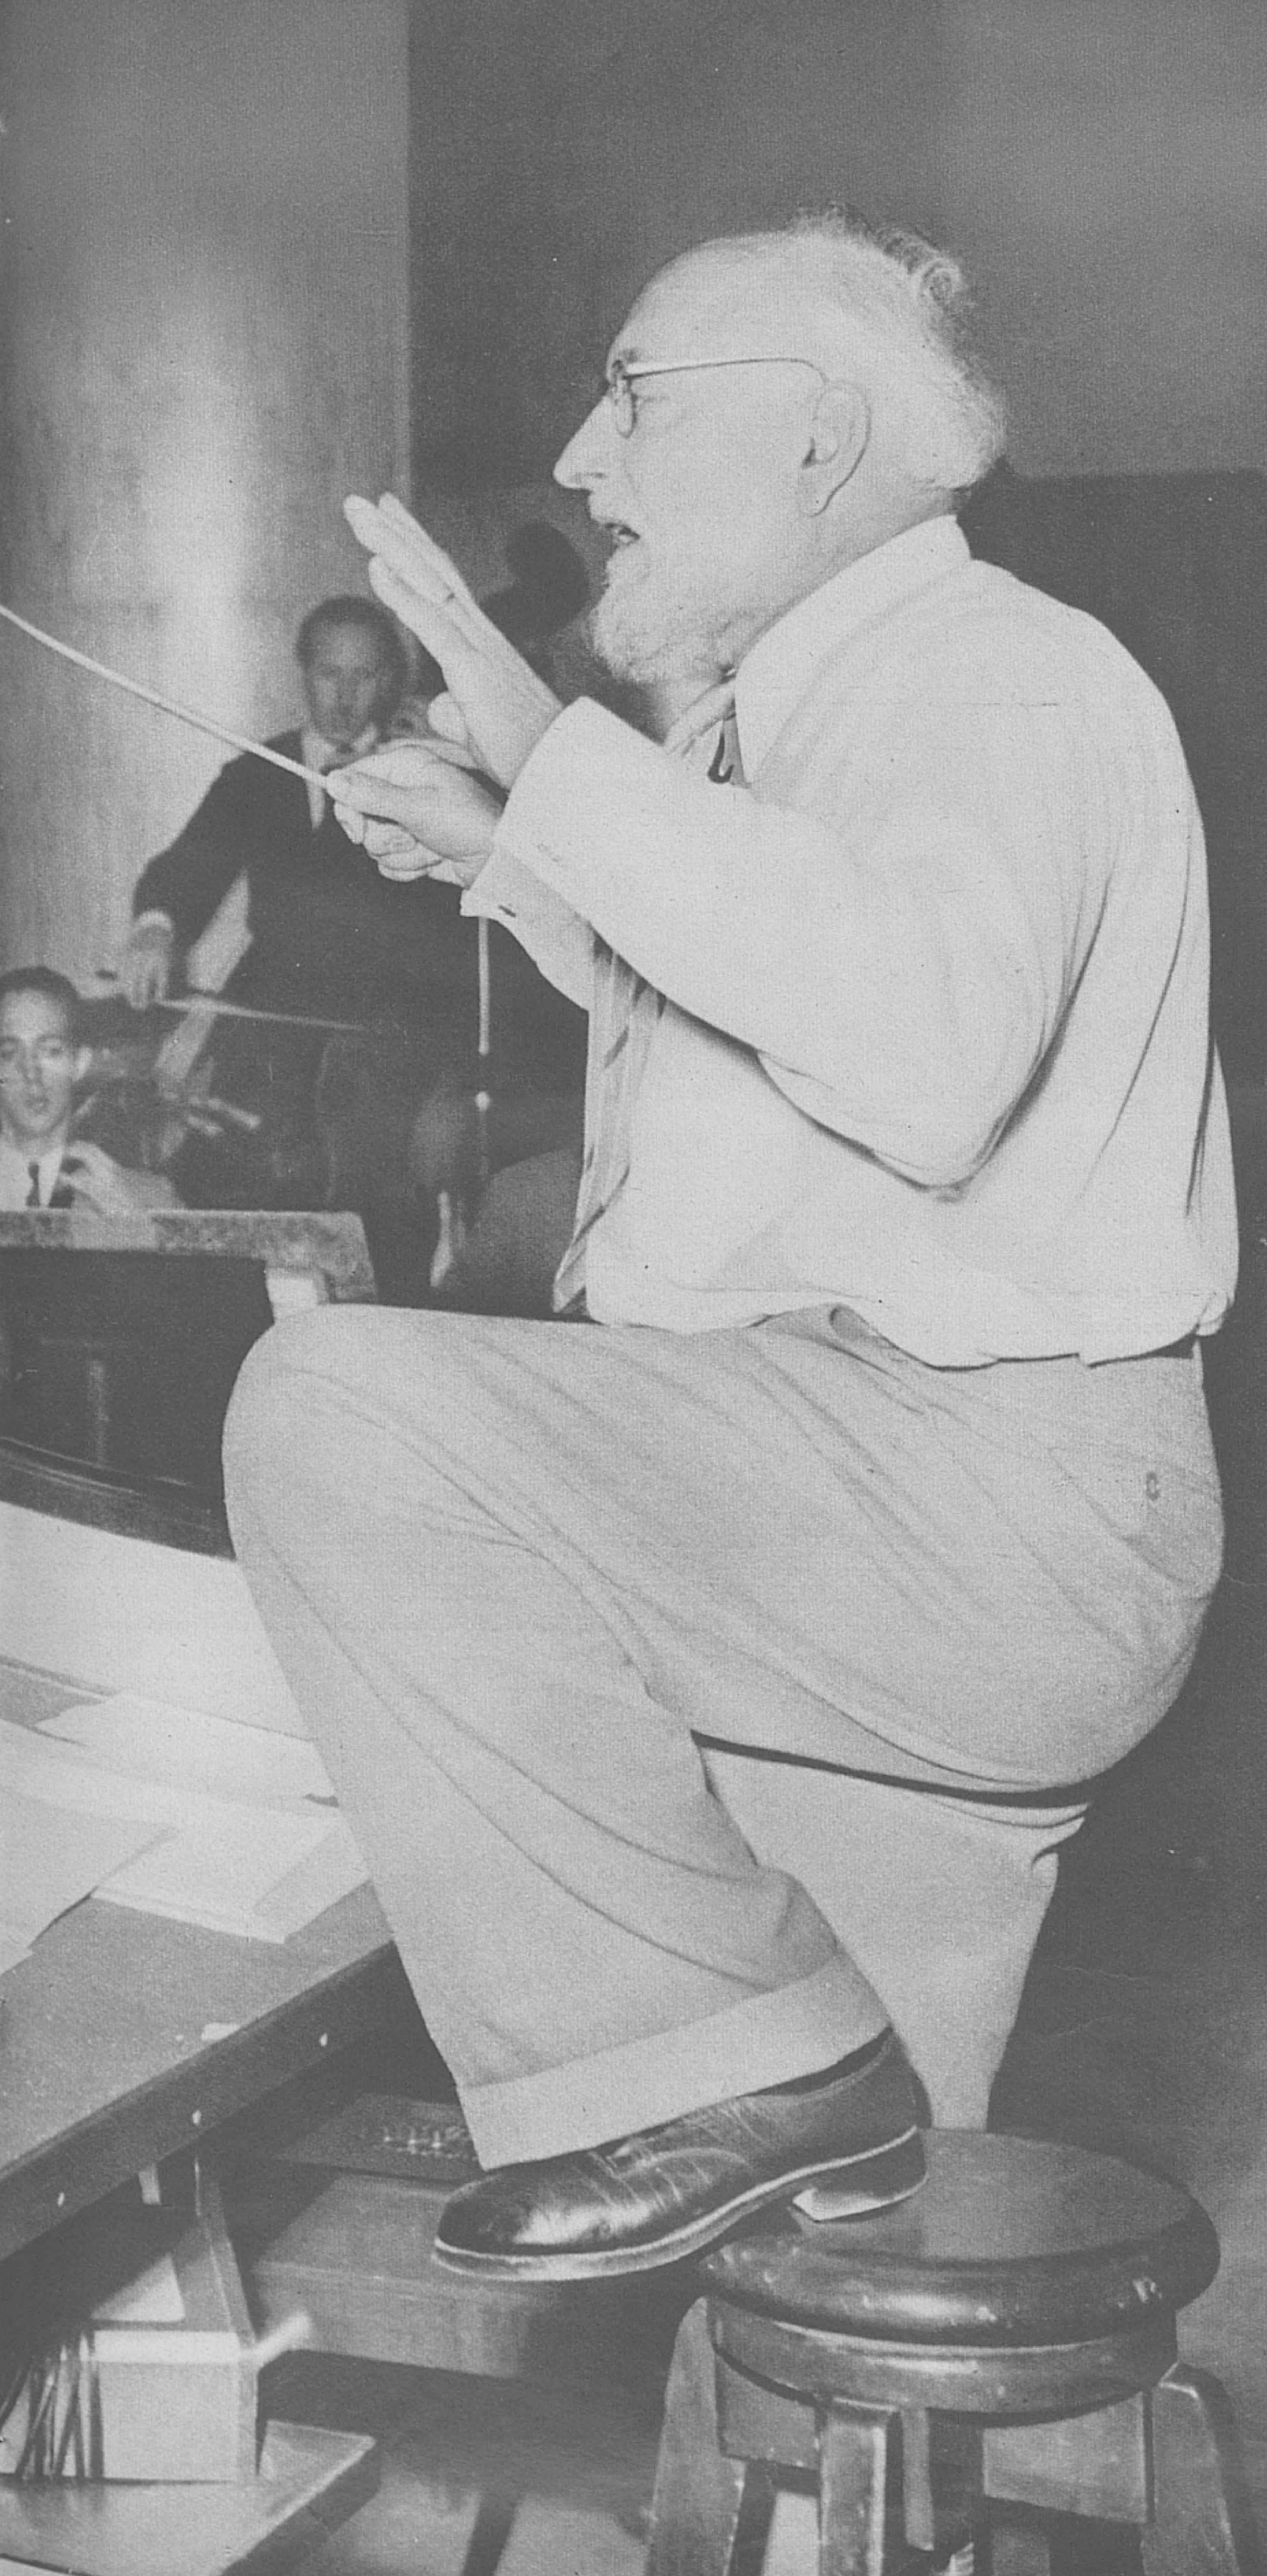 Ernest ANSERMET en répétition, env. 1950, une photo publiée entre autres dans la revue L'Illustré du 26 octobre 1950, No 43, en page 9, cliquer pour voir un agrandissement